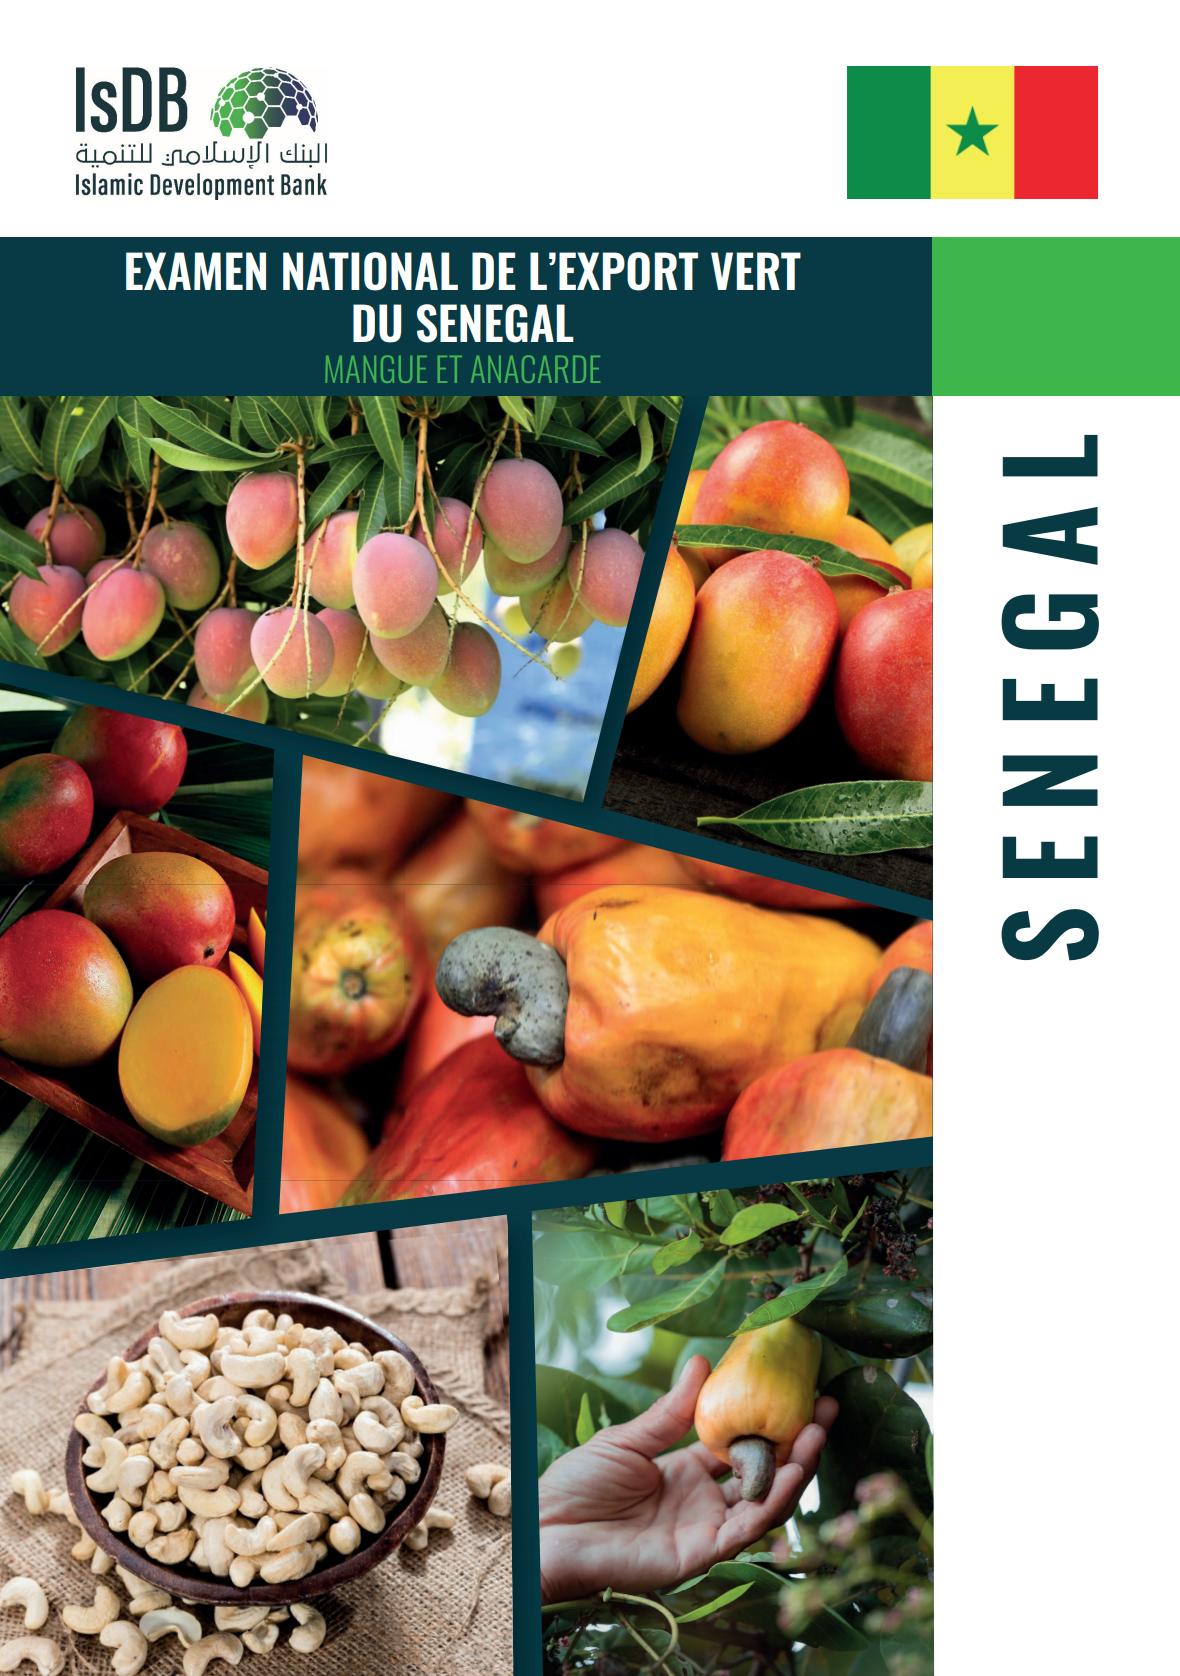 Commercialisation de l'anacarde et de la mangue : L'Enev propose une industrialisation des filières dans son rapport remis à l'État du Sénégal